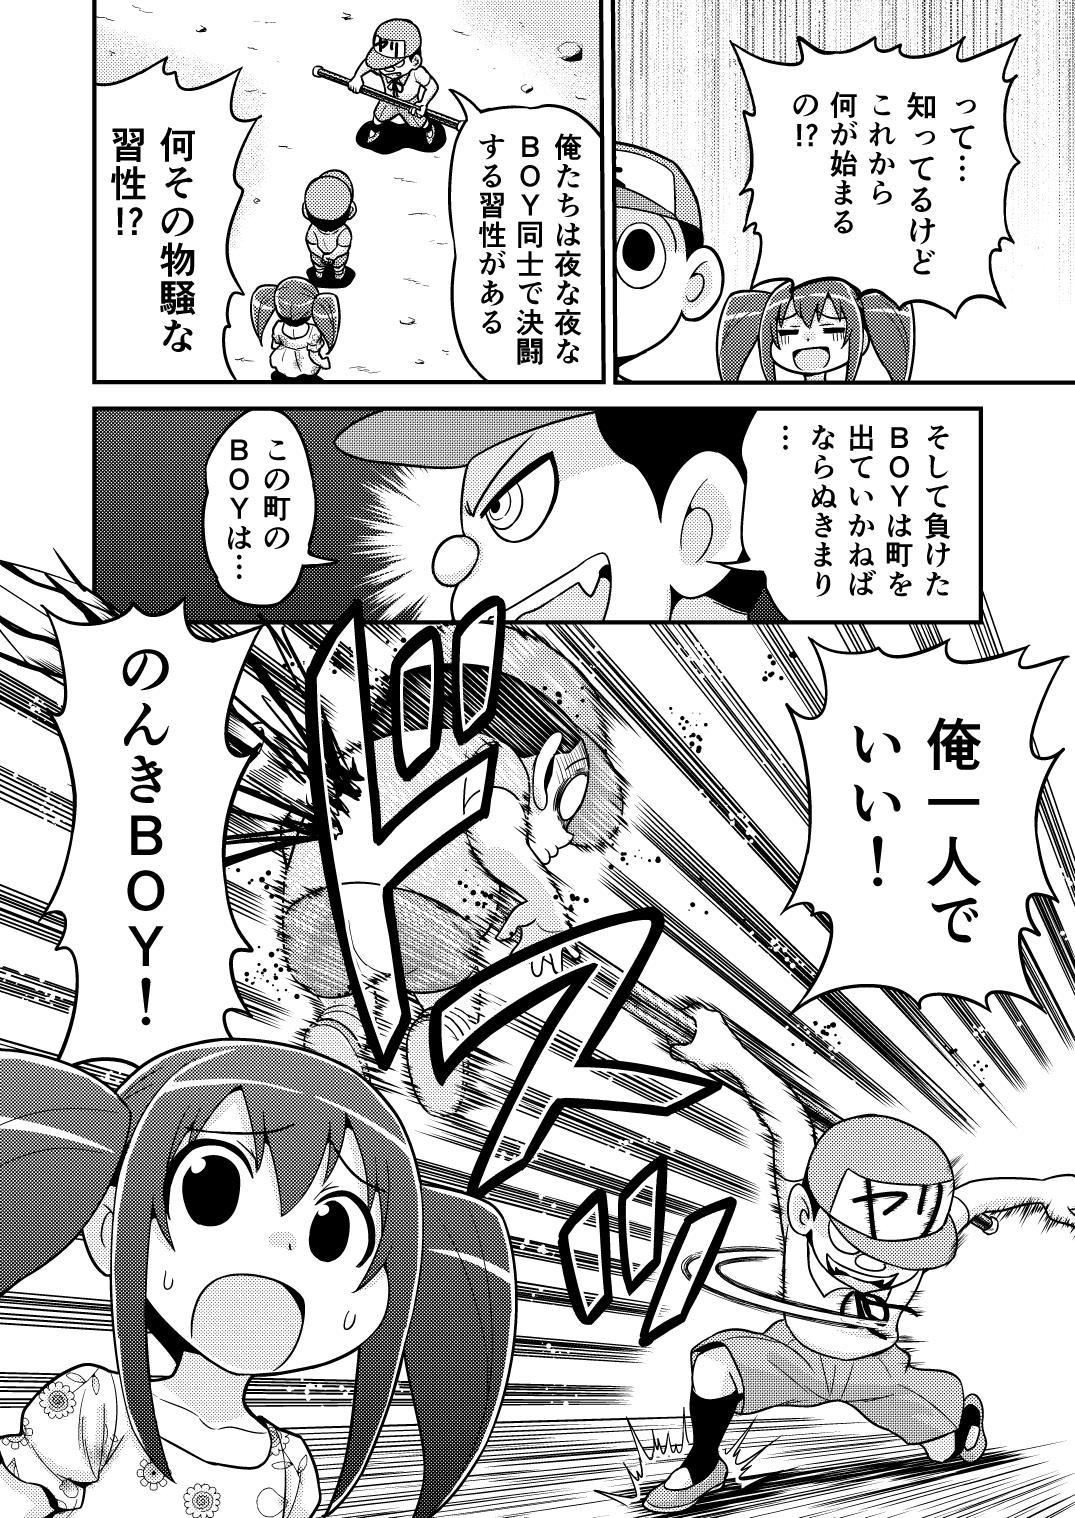 のんきBOY Ch. 1-20 60